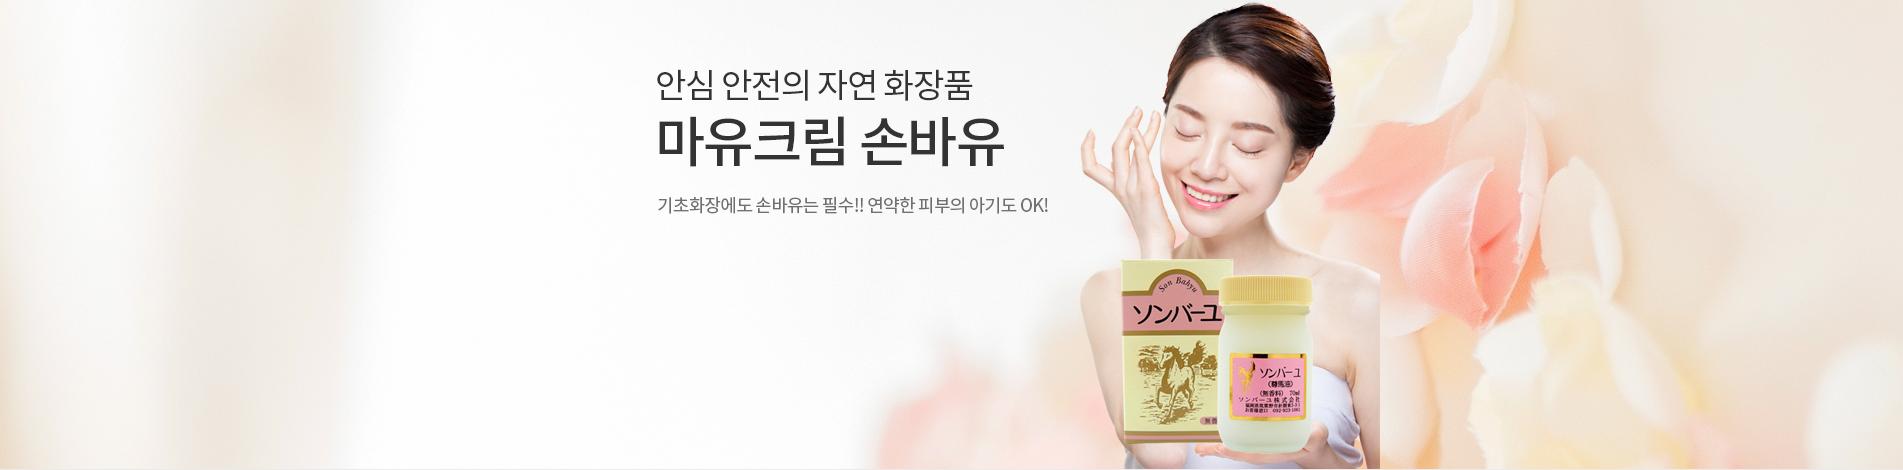 안심 안전의 자연 화장품 마유크림 손바유